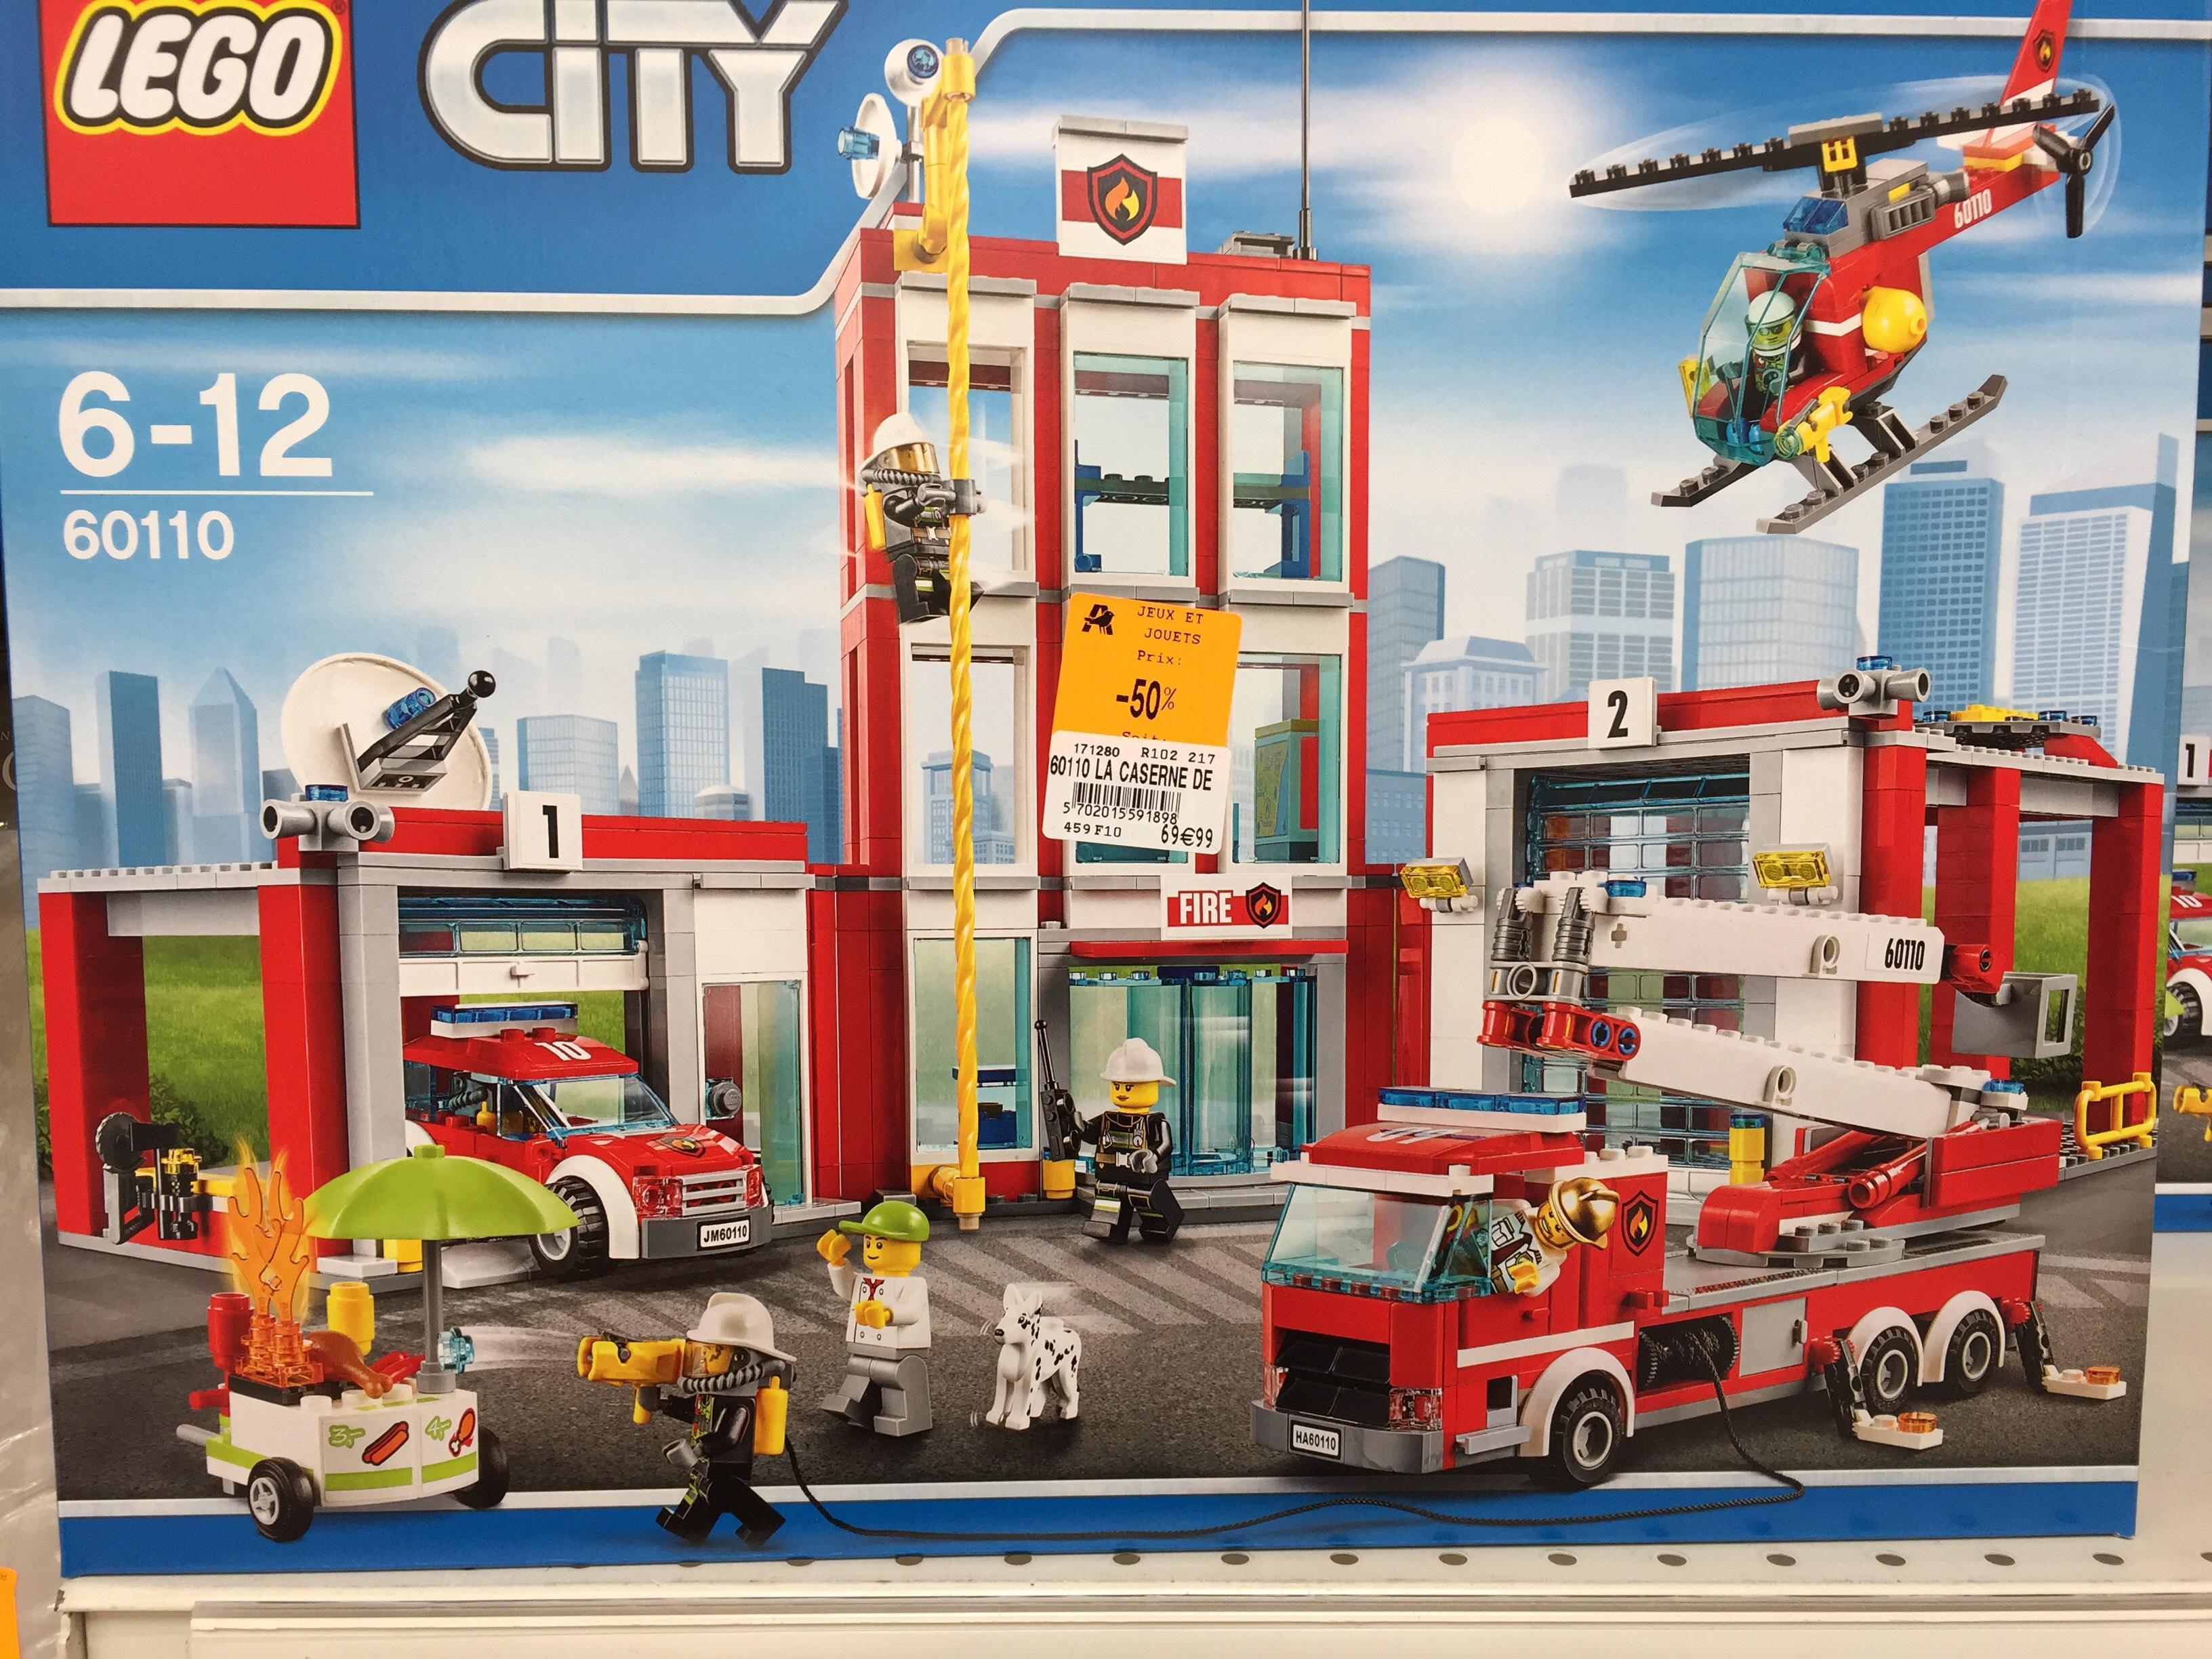 Caserne des pompiers Lego City 60110